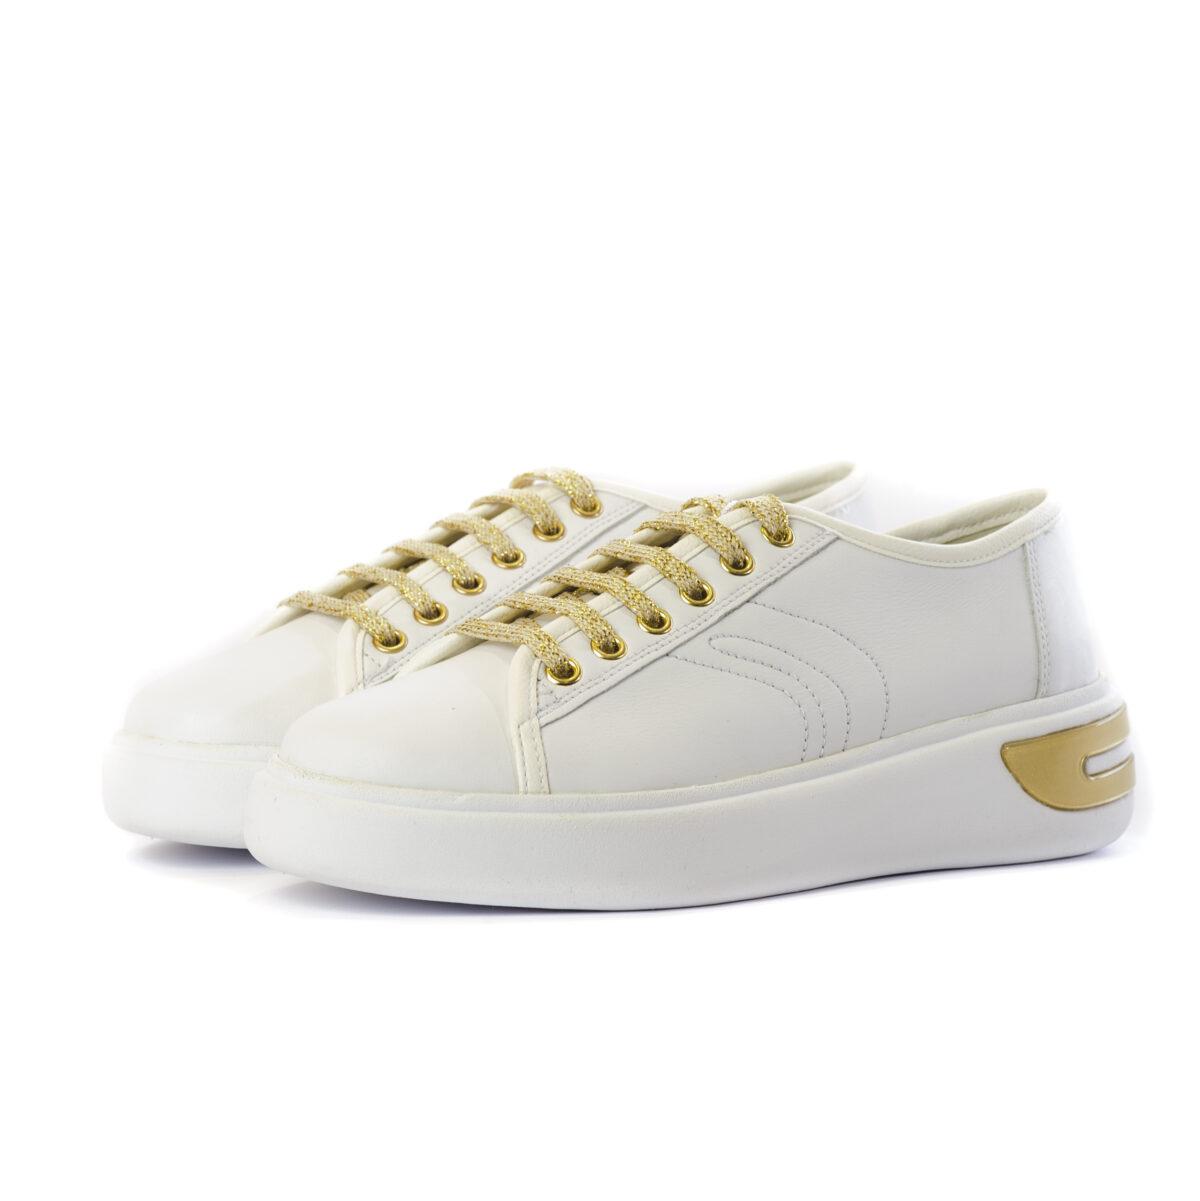 Γυναικείο Sneaker με Χρυσές Λεπτομέρειες 1